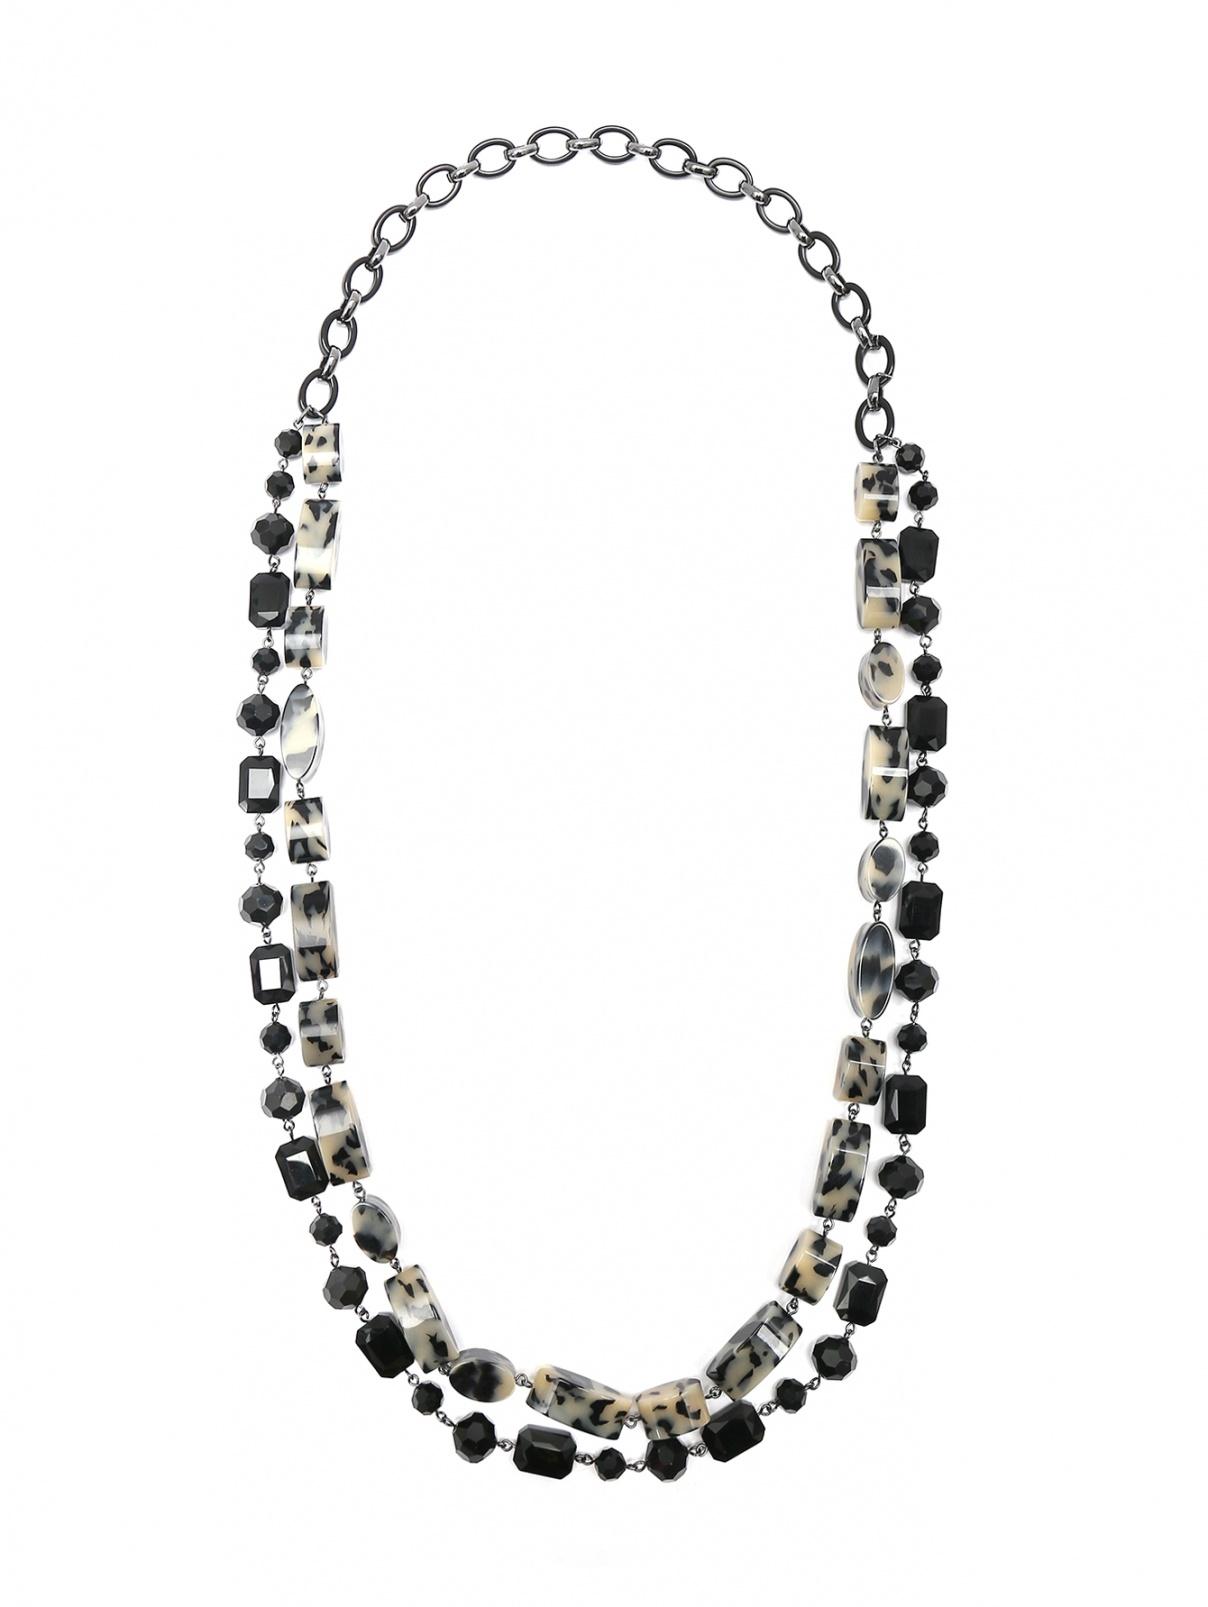 Ожерелье из стекла и металла Max Mara  –  Общий вид  – Цвет:  Узор